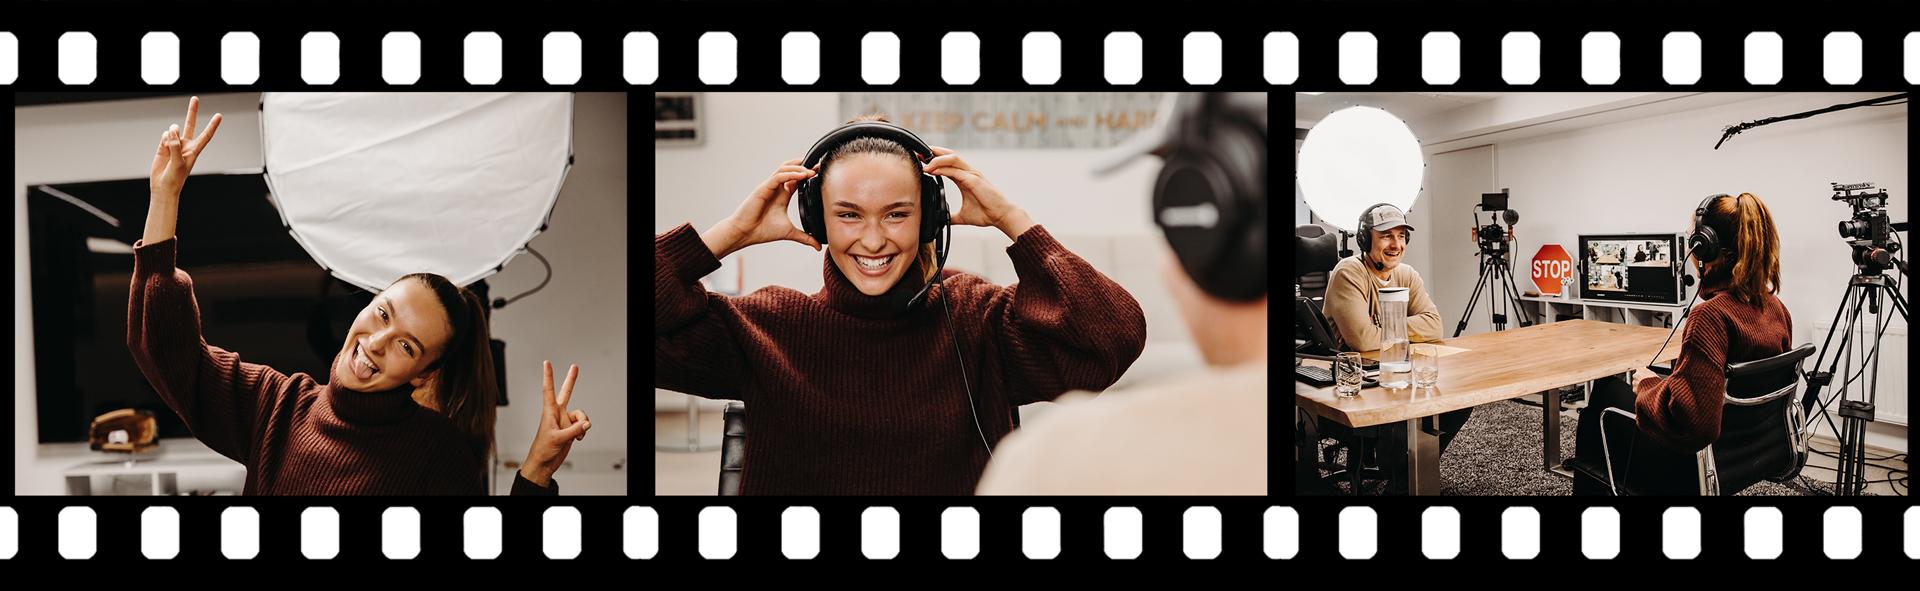 """GNTM 2020-Siegerin Jacky Wruck beim Podcast """"Performance gewinnt!"""" mit Harald Dobmayer"""